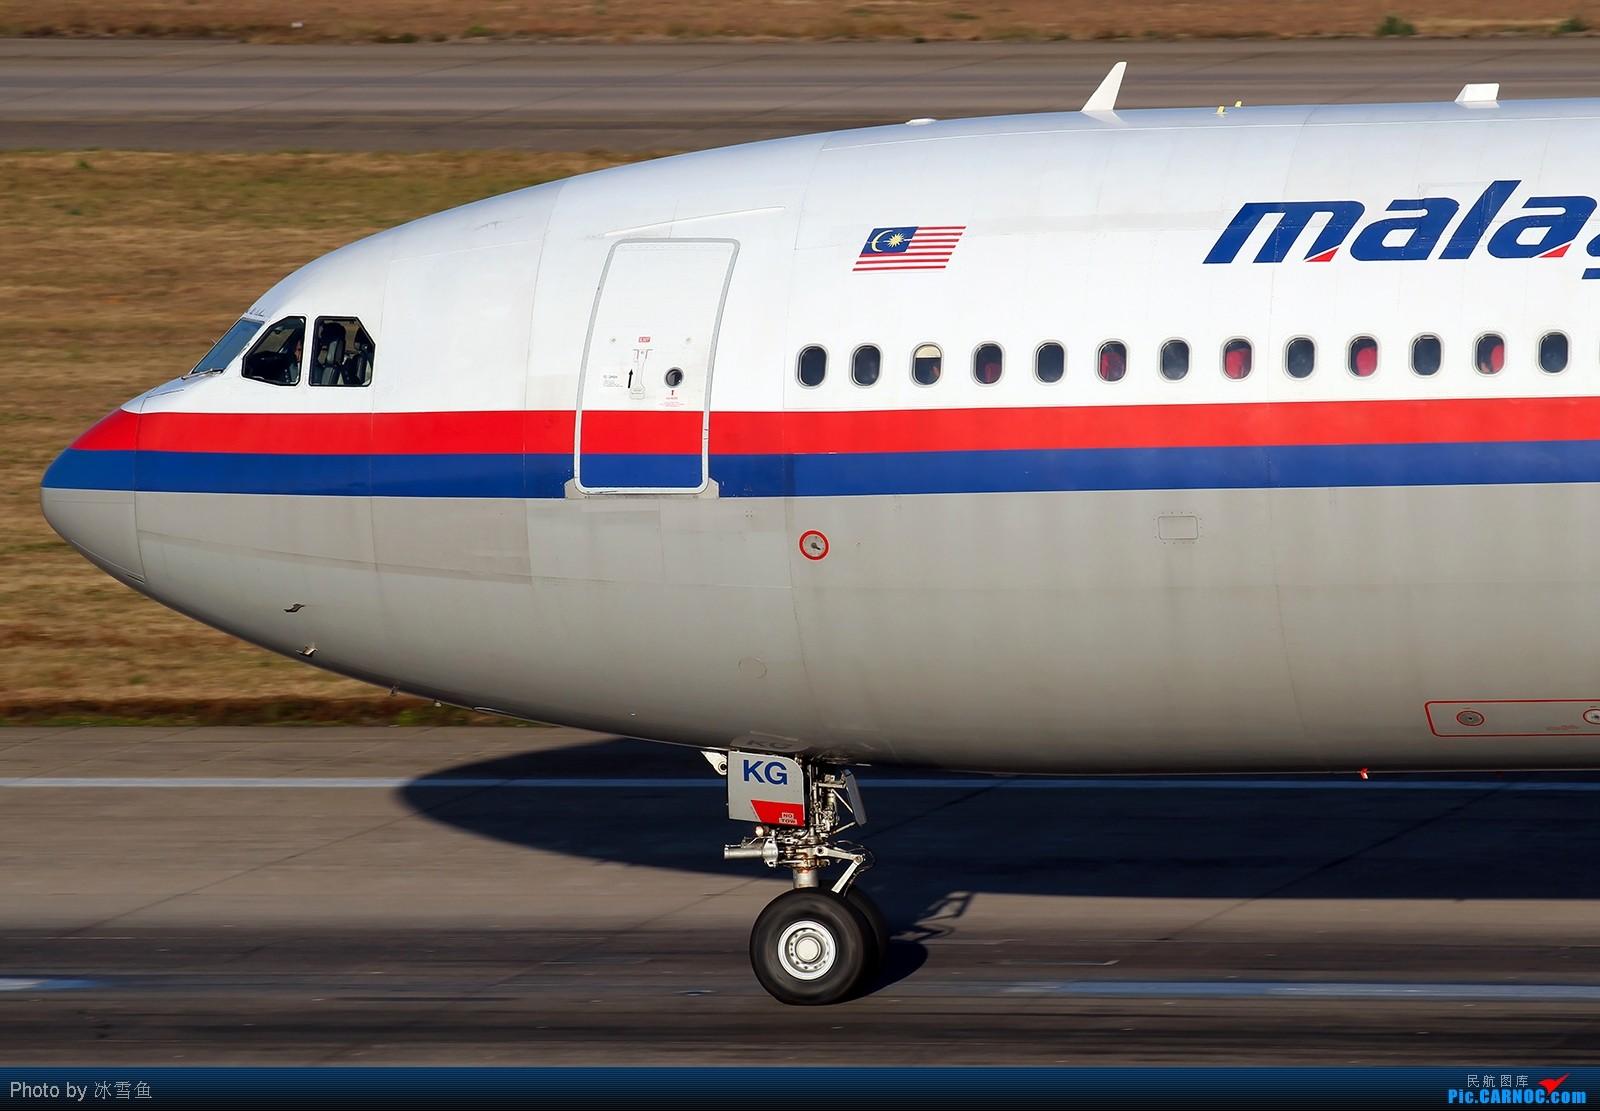 [原创]【BLDDQ】刨几张大图出来看看——马航330大头、东航通用空中国王、大花龙...... AIRBUS A330-300 9M-MKG 中国昆明巫家坝机场